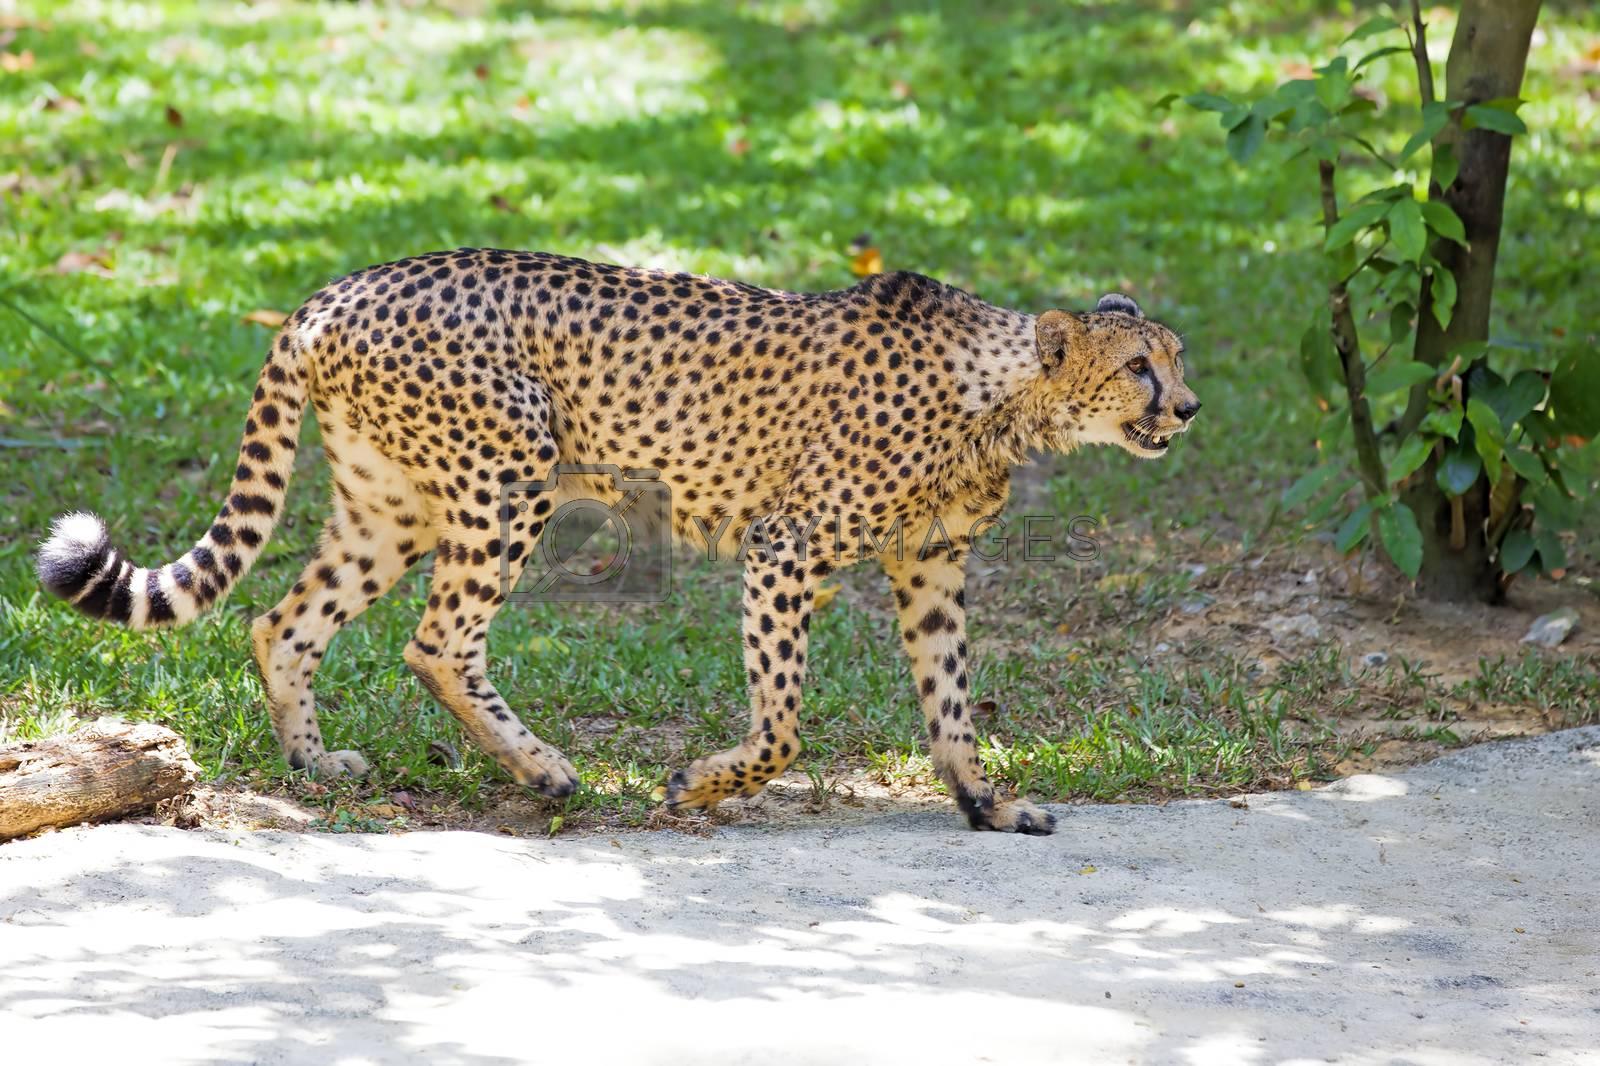 Wild Cheetah walking in the wilderness of Tanzania